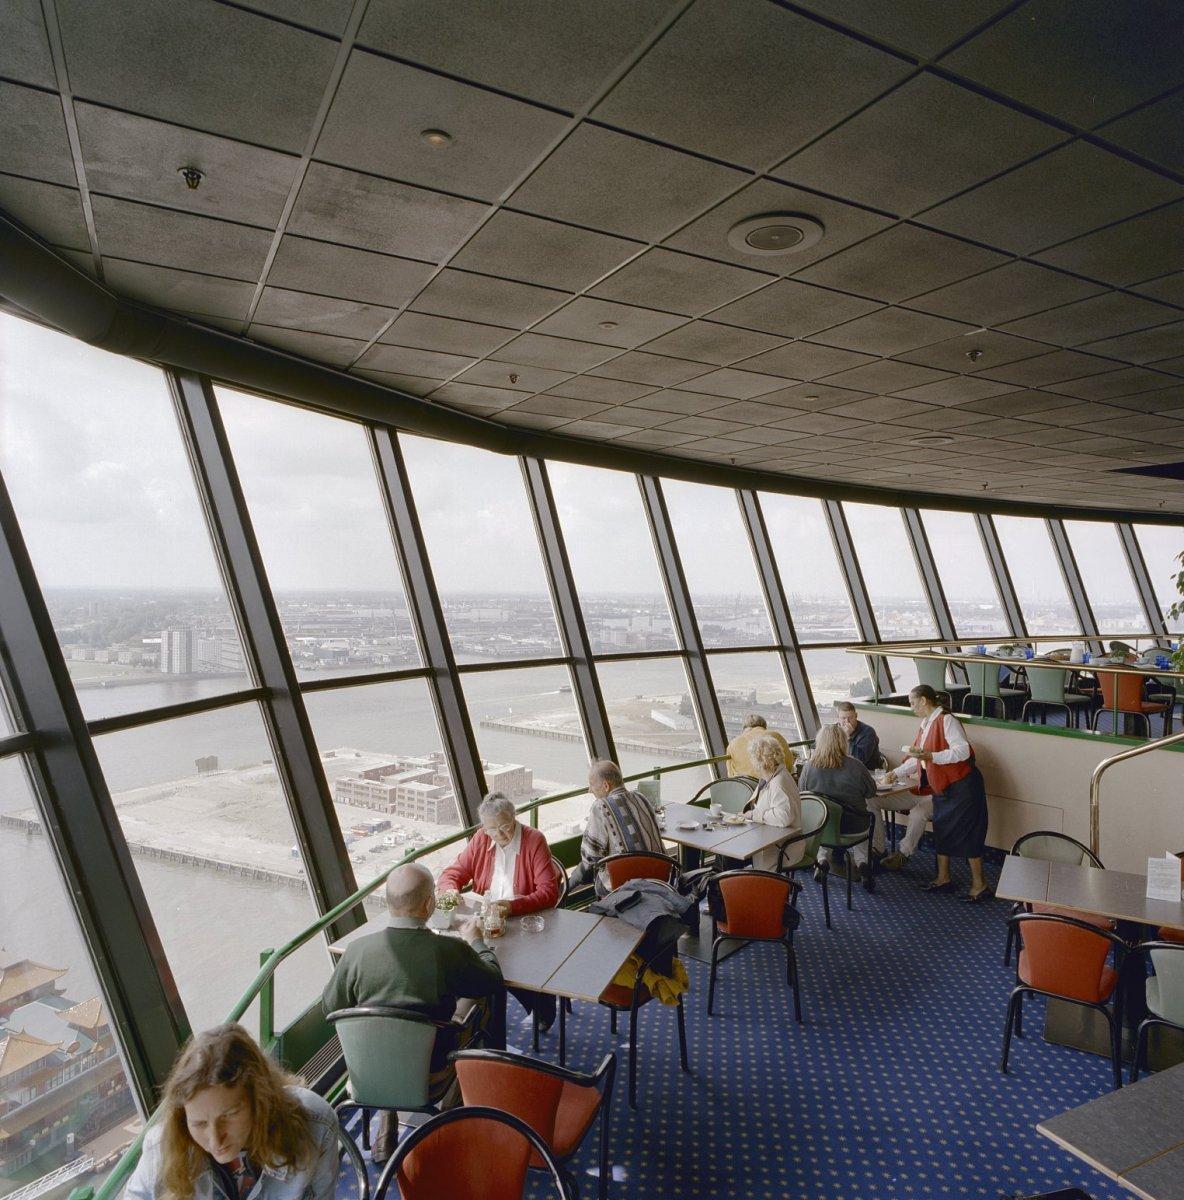 Datei:Interieur kraaiennest, restaurant met uitzicht op de haven ...